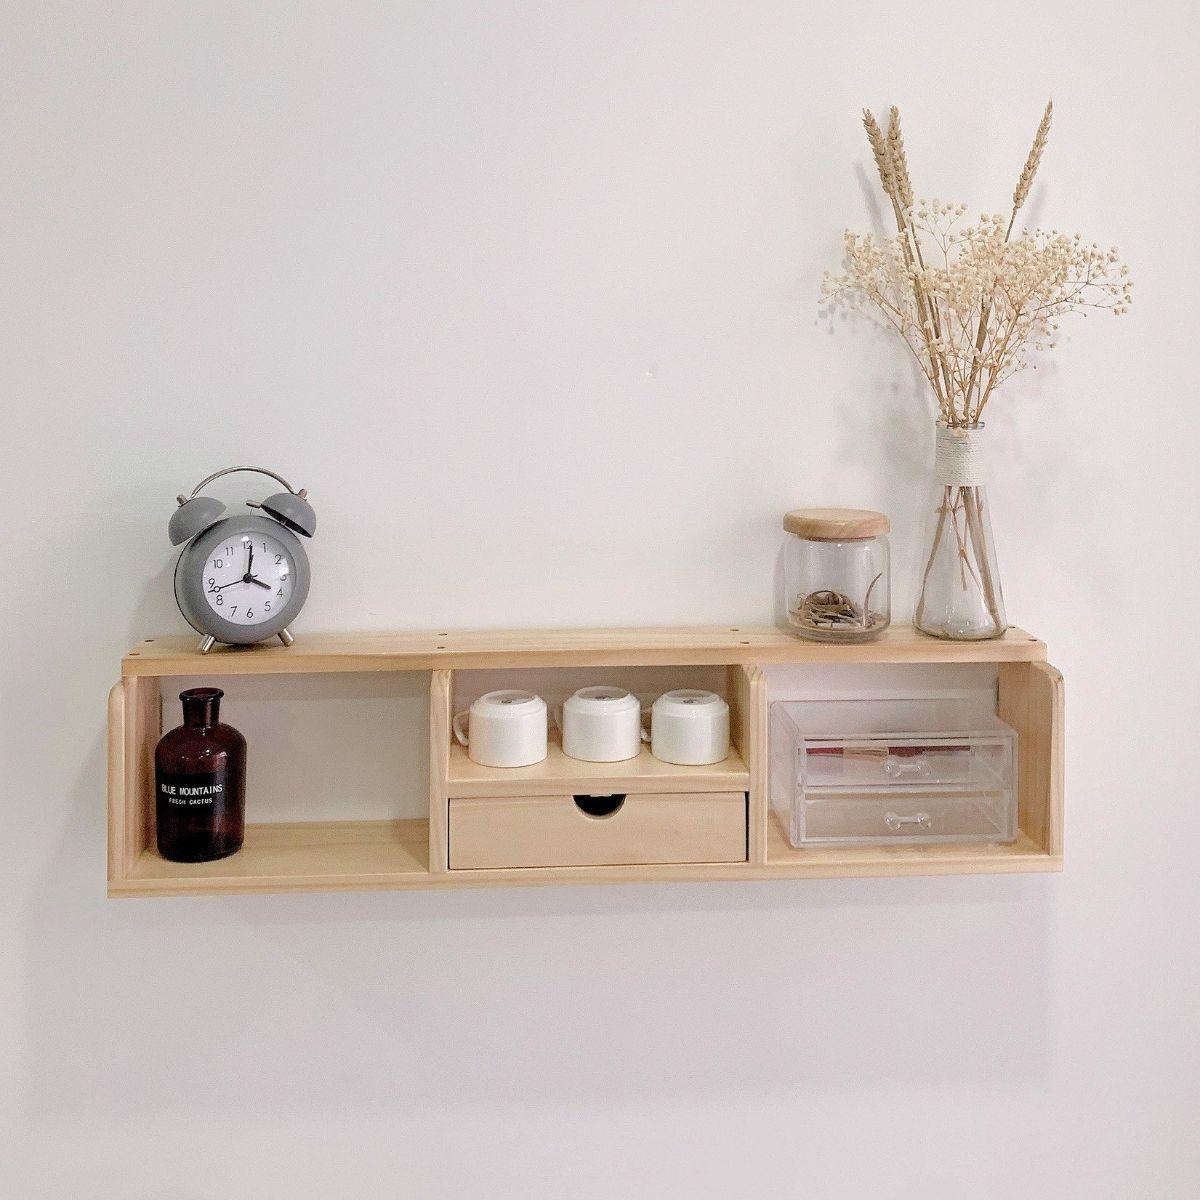 Một mẫu kệ gỗ trang trí tường